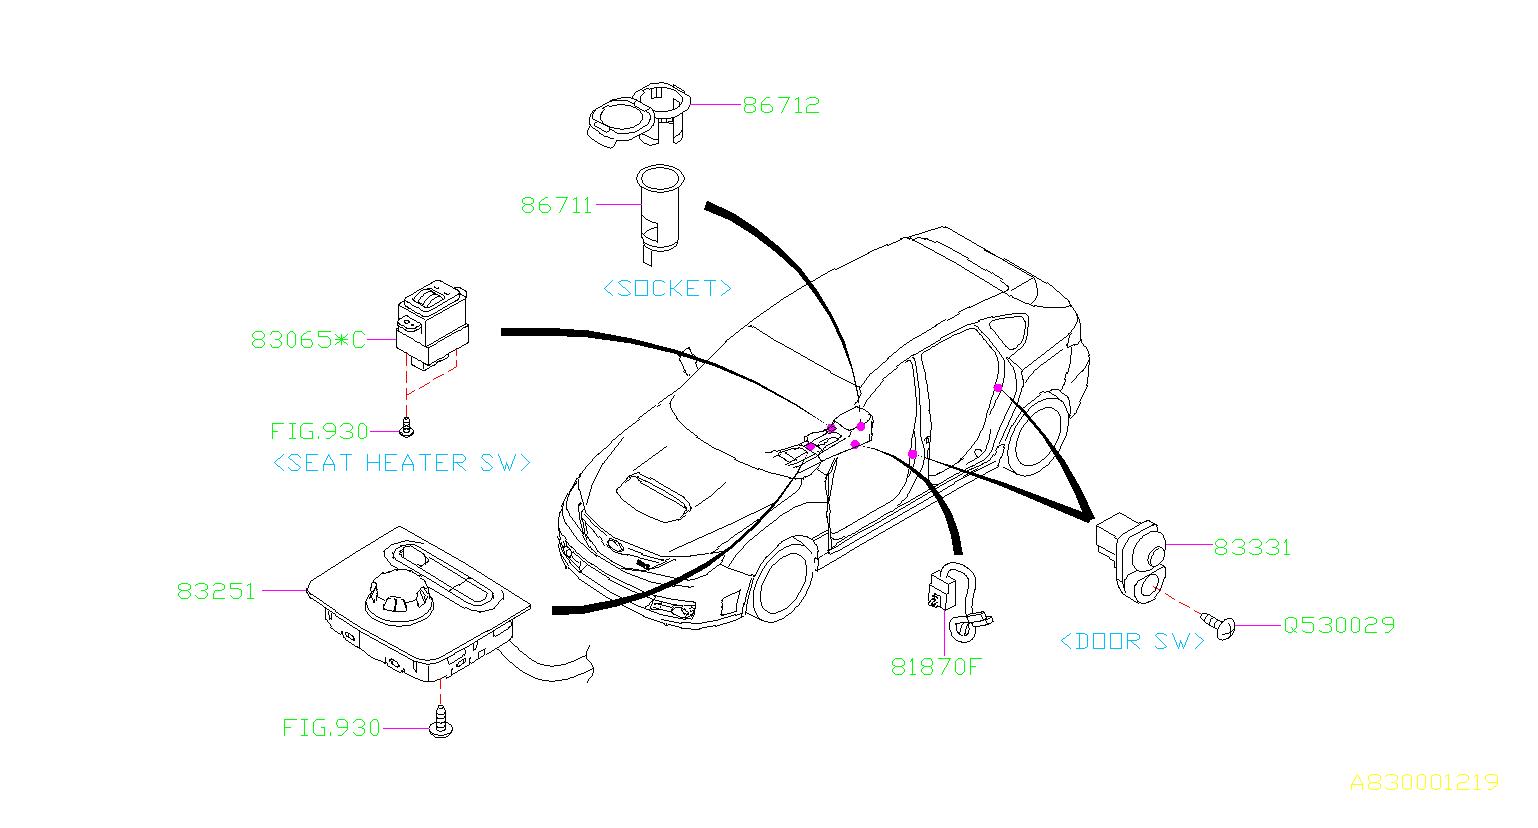 Subaru Sti Switch Assembly Multi Select